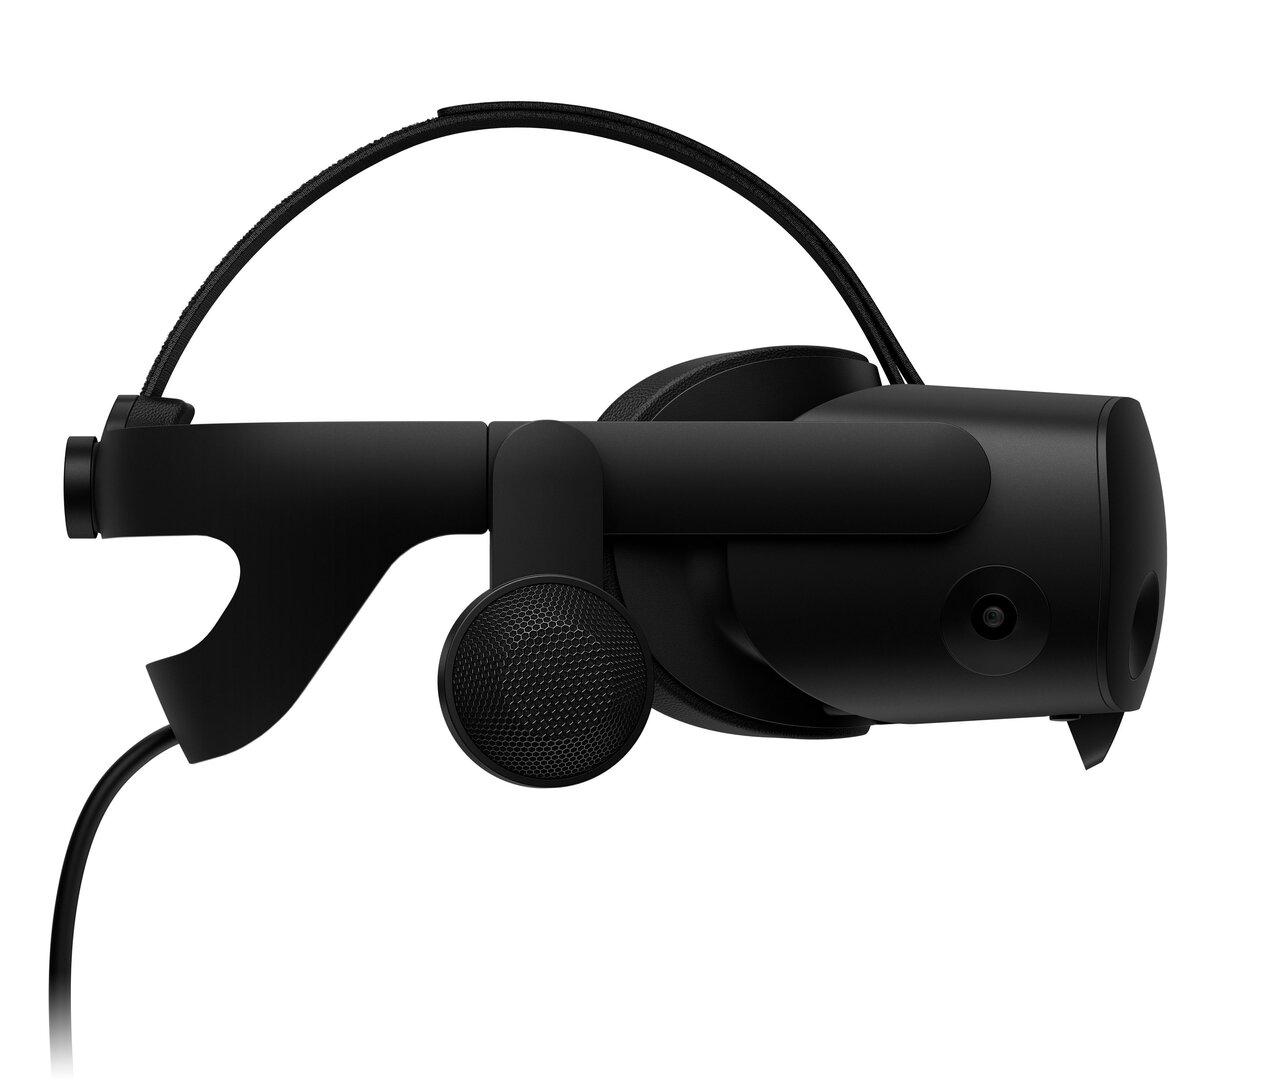 Neuer Bügel, alte Kopfhörer von Valve